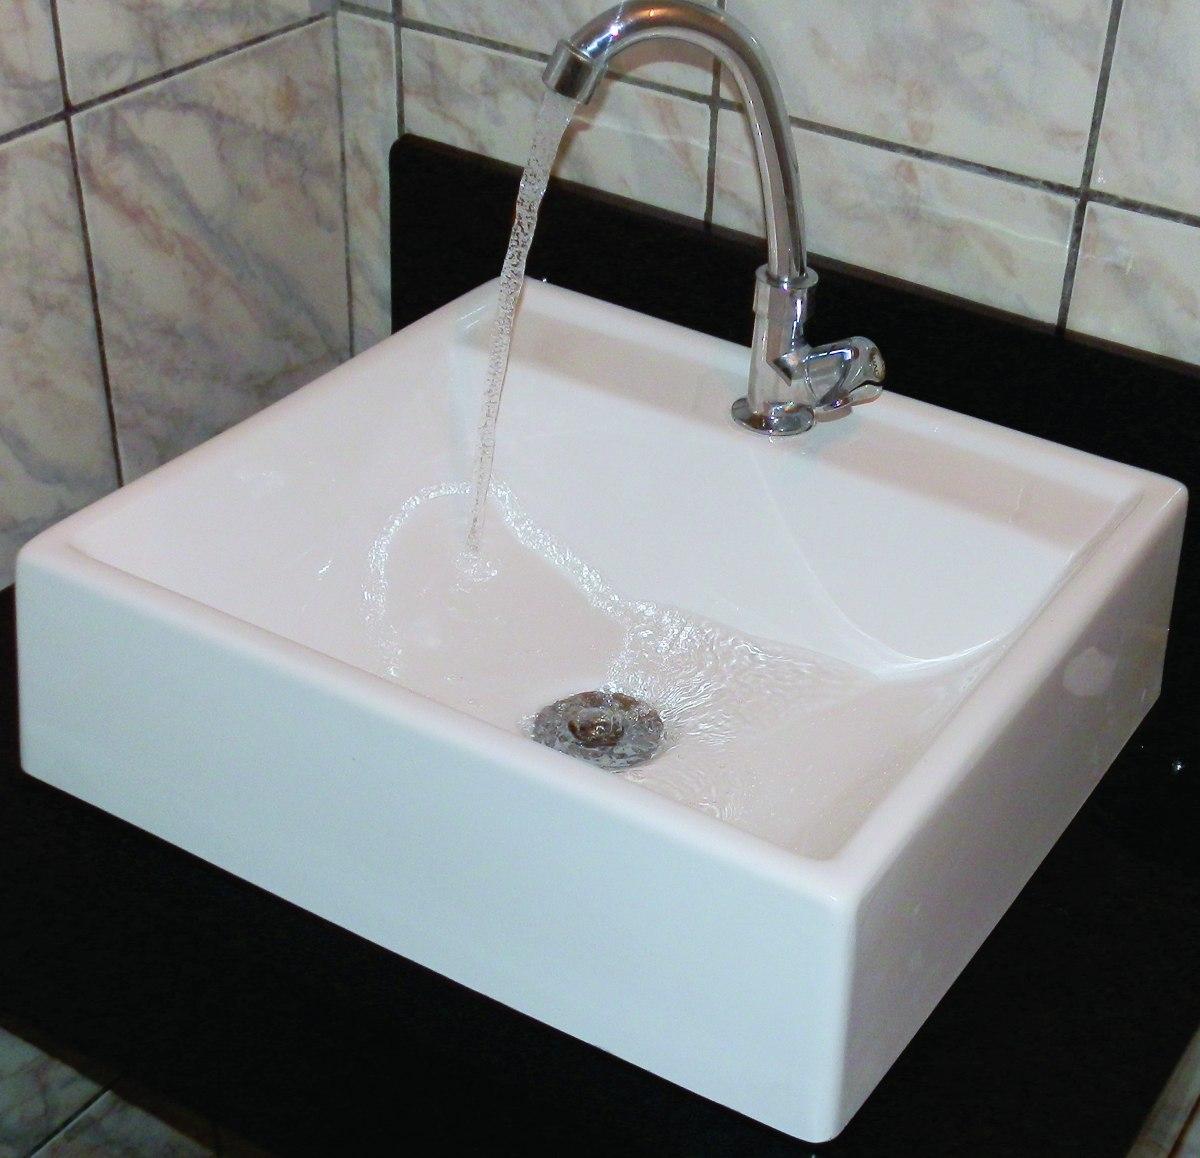 Cuba Sobrepor Para Banheiro Quadrada  R$ 129,99 em Mercado Livre -> Cuba Para Banheiro Bronze